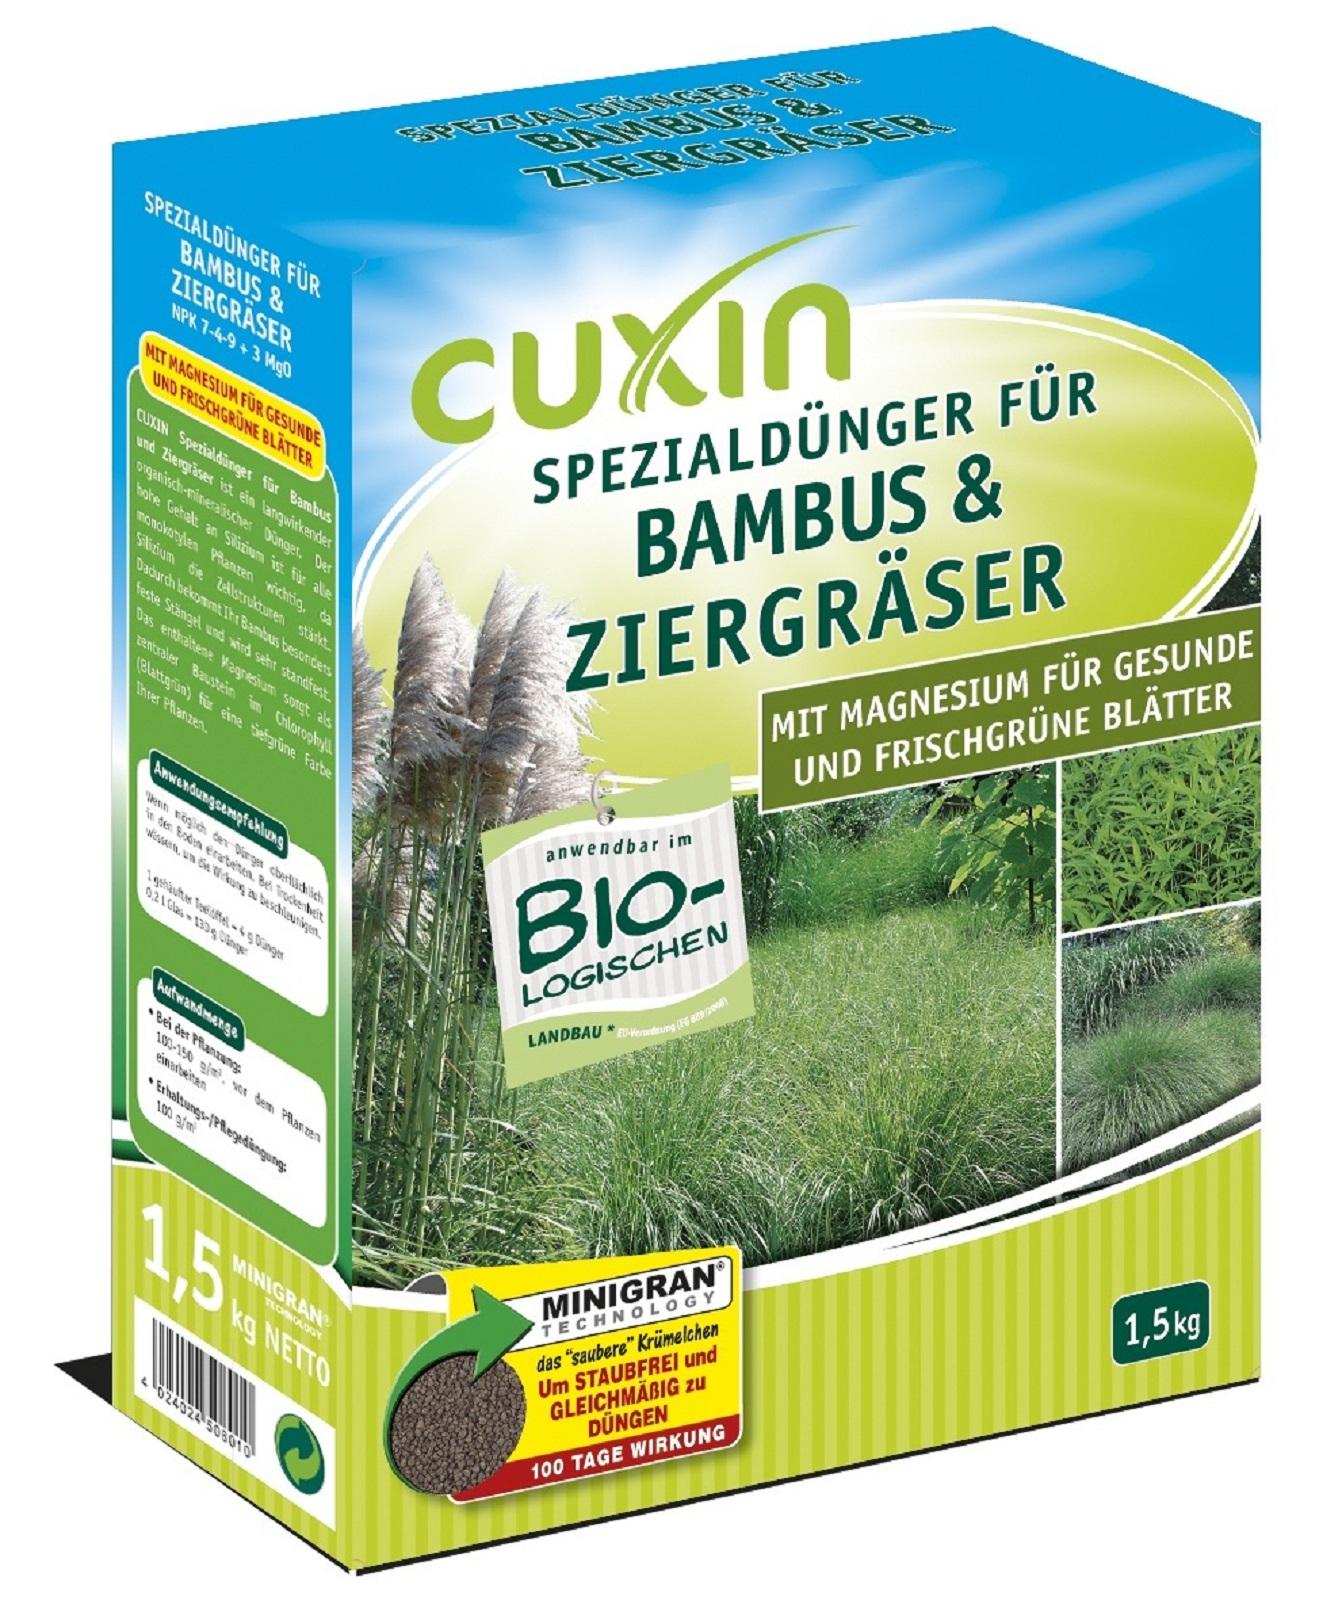 Cuxin Bambus & Ziergräserdünger, 1,50 kg Minigran,Dünger,Bambus,